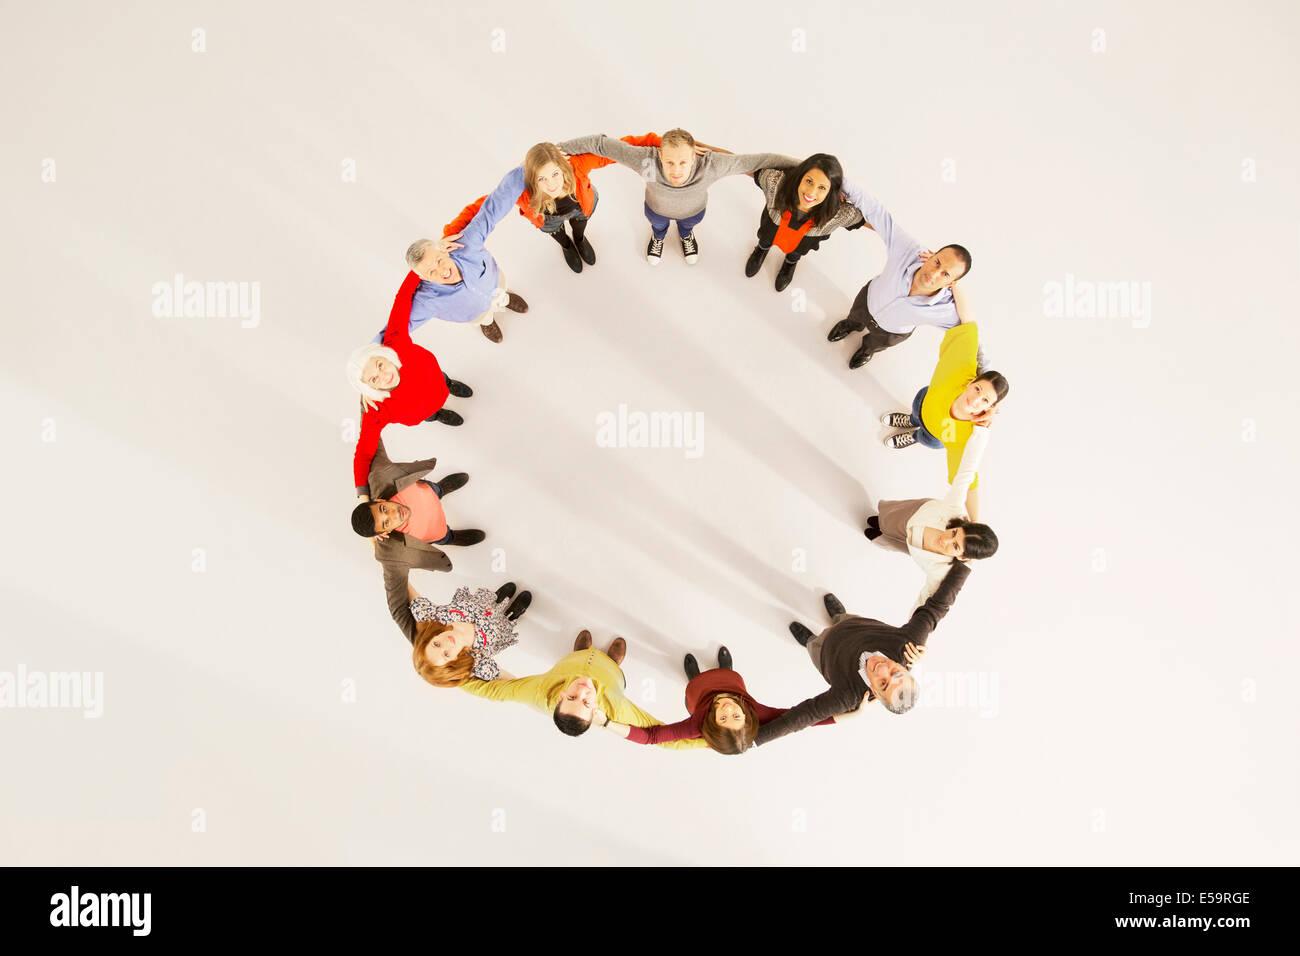 Menschen im Kreis verbunden Stockbild